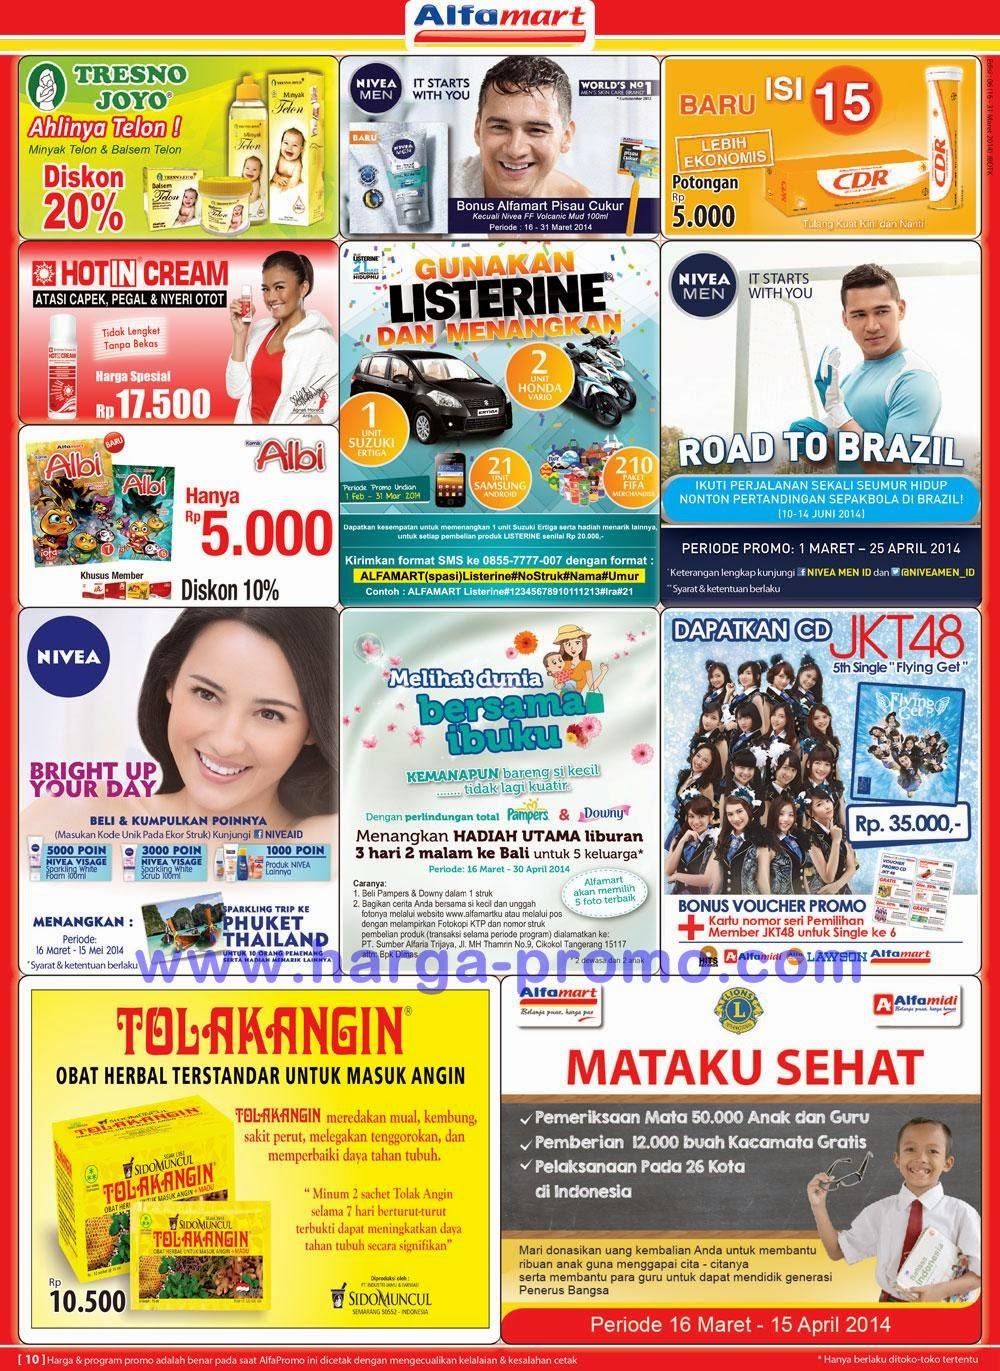 Promo Alfamart 2013 Katalogharga Daftar Harga Diskon Promo Promosi Promosi Alfamart Periode 16 31 Maret 2014 Katalog Promo Terbaru